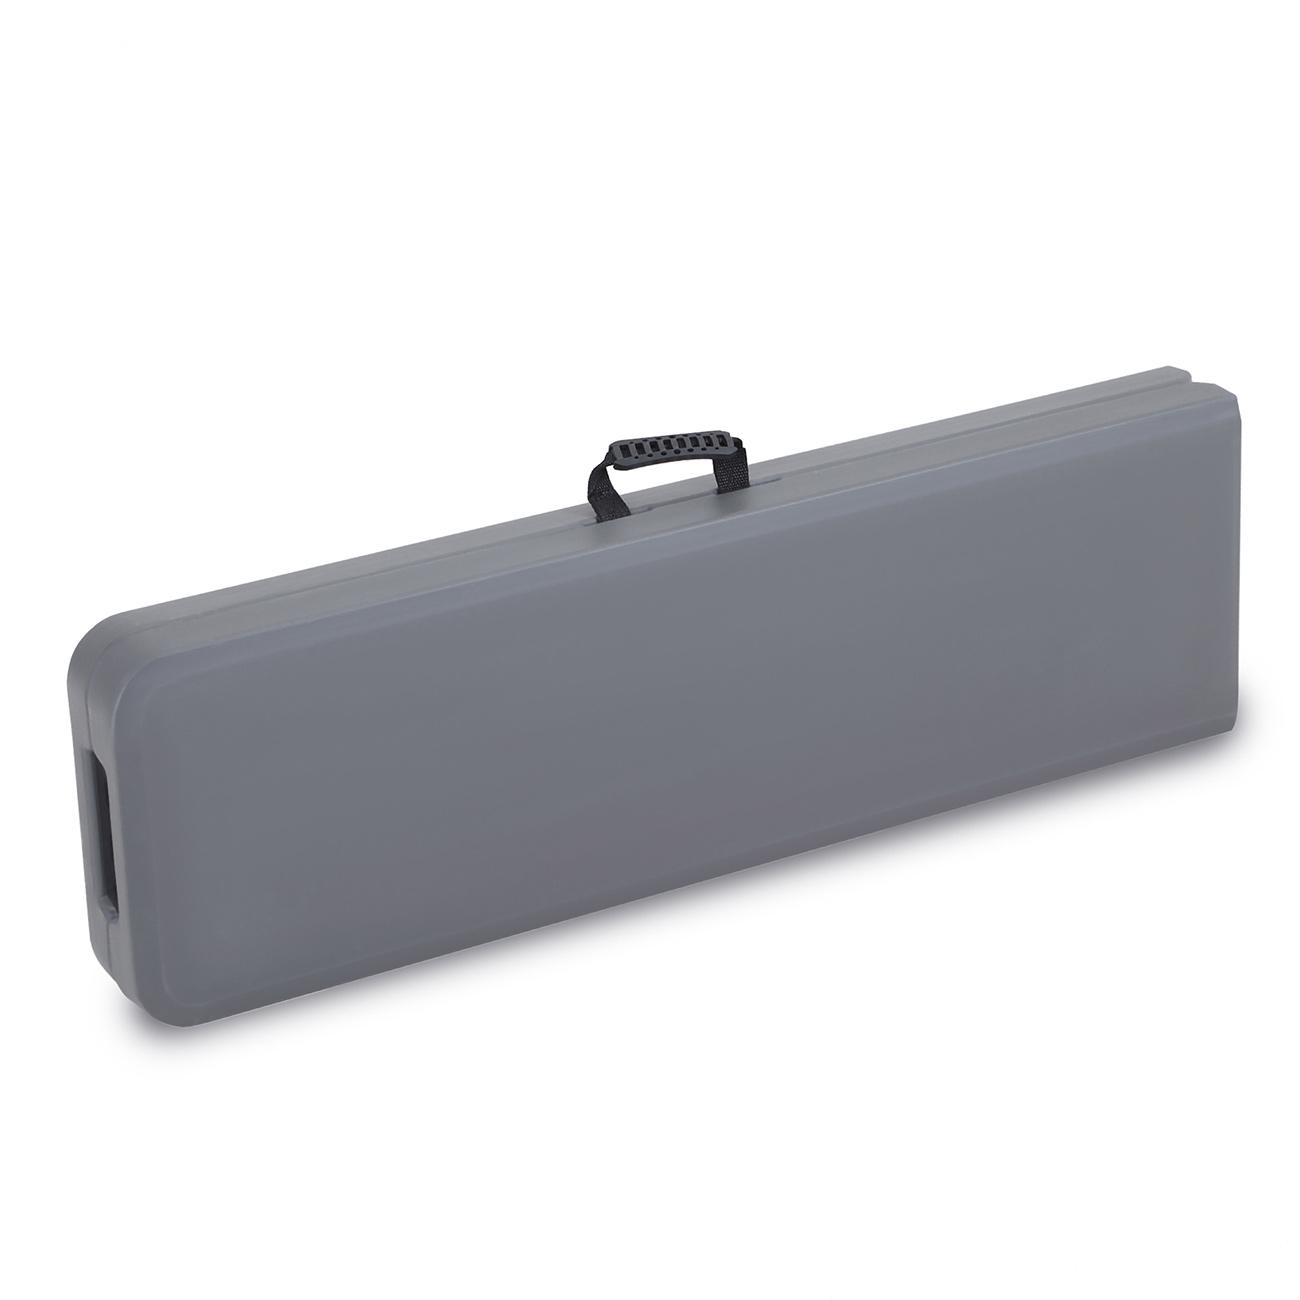 Tisch Klappbar Kunststoff.Strattore Bierzeltgarnitur Aus Kunststoff Klappbar Mit Tisch Und 2 Bänken Aus Kunststoff In Dunkelgrau